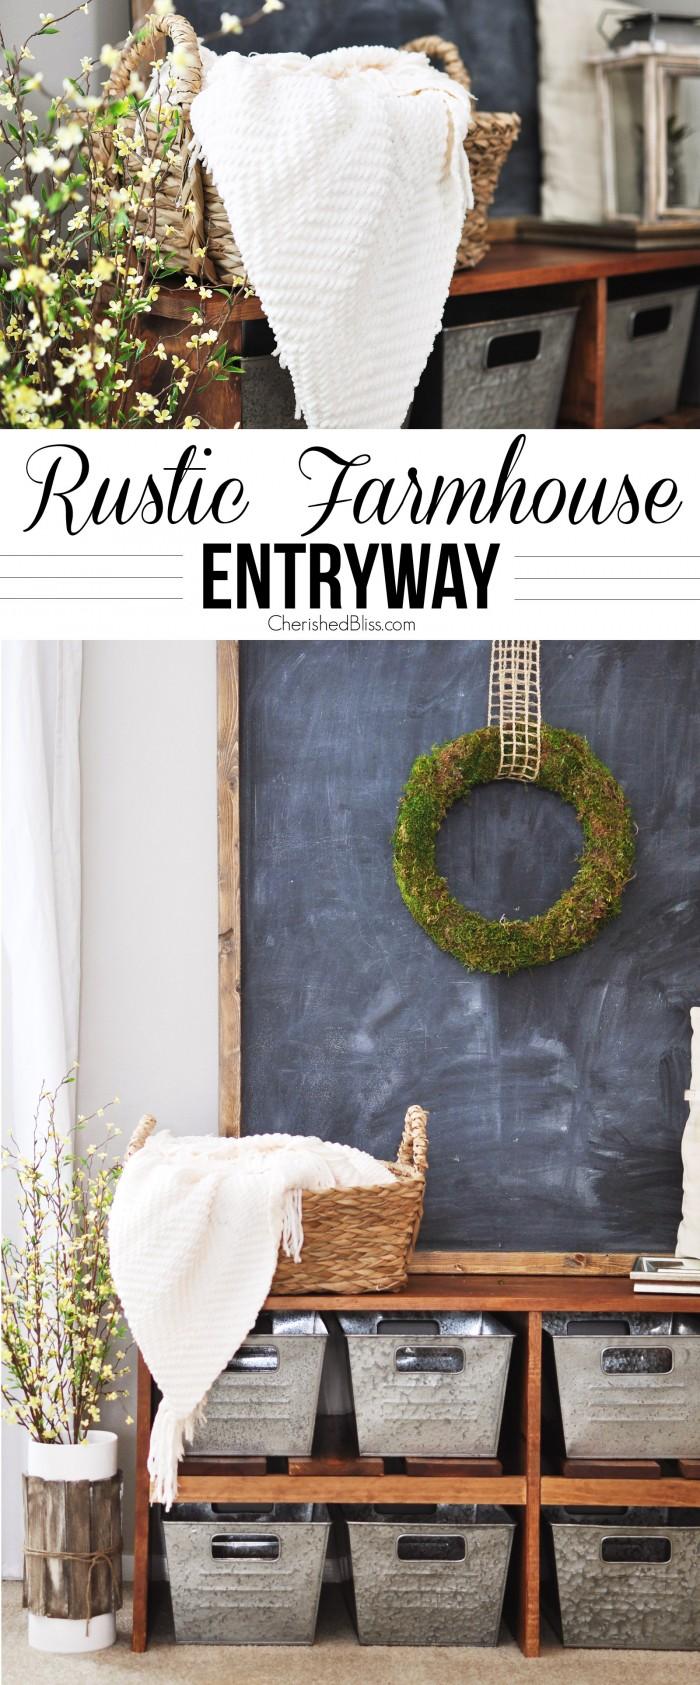 Rustic-Farmhouse-Entryway-700x1685